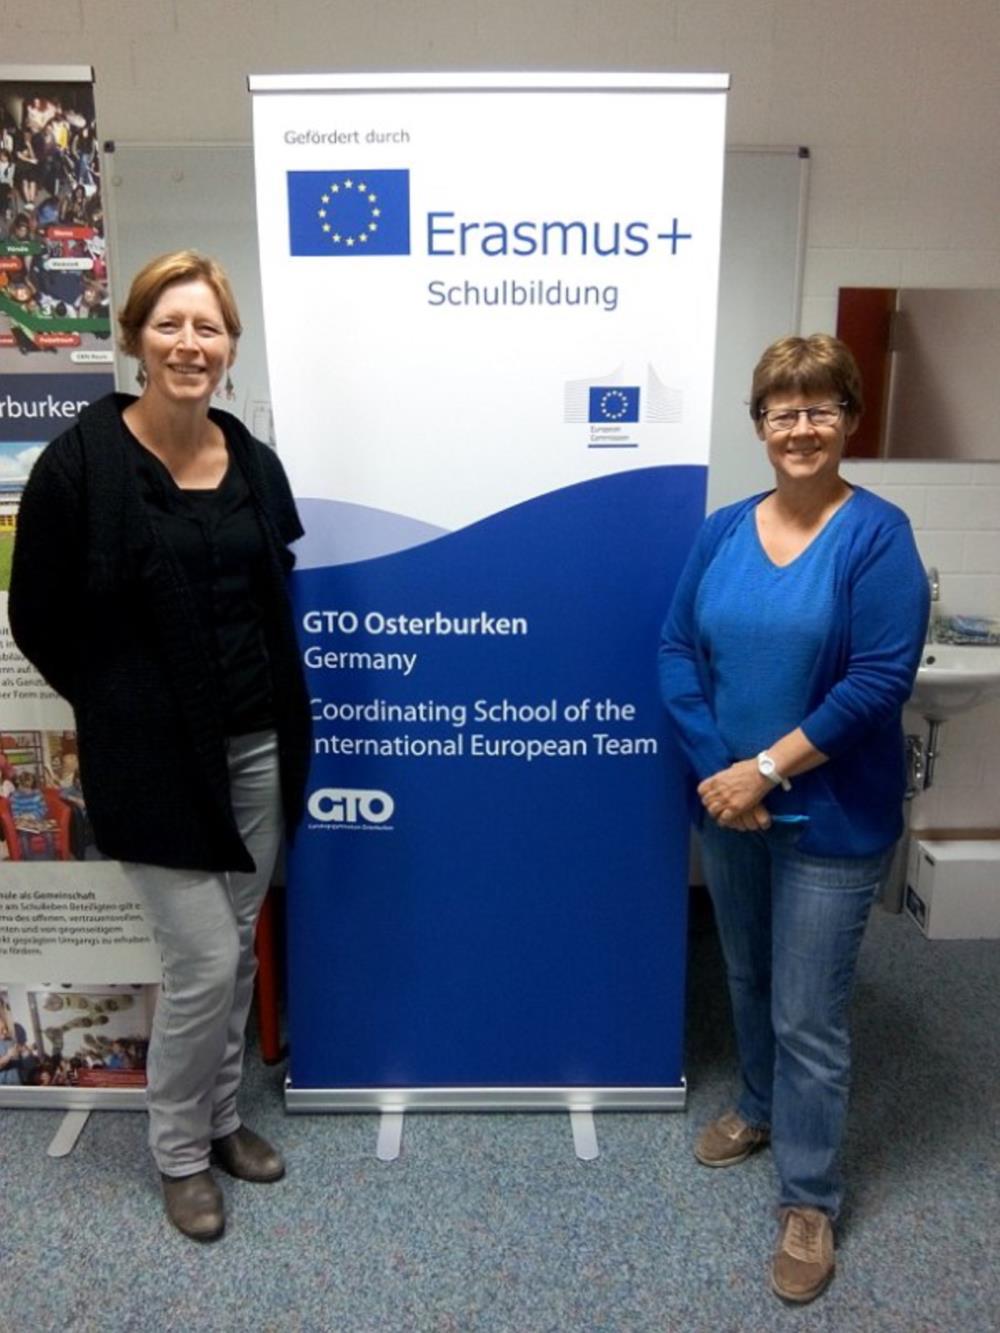 Coördinatiemeeting van het S.PE.E.D.-project